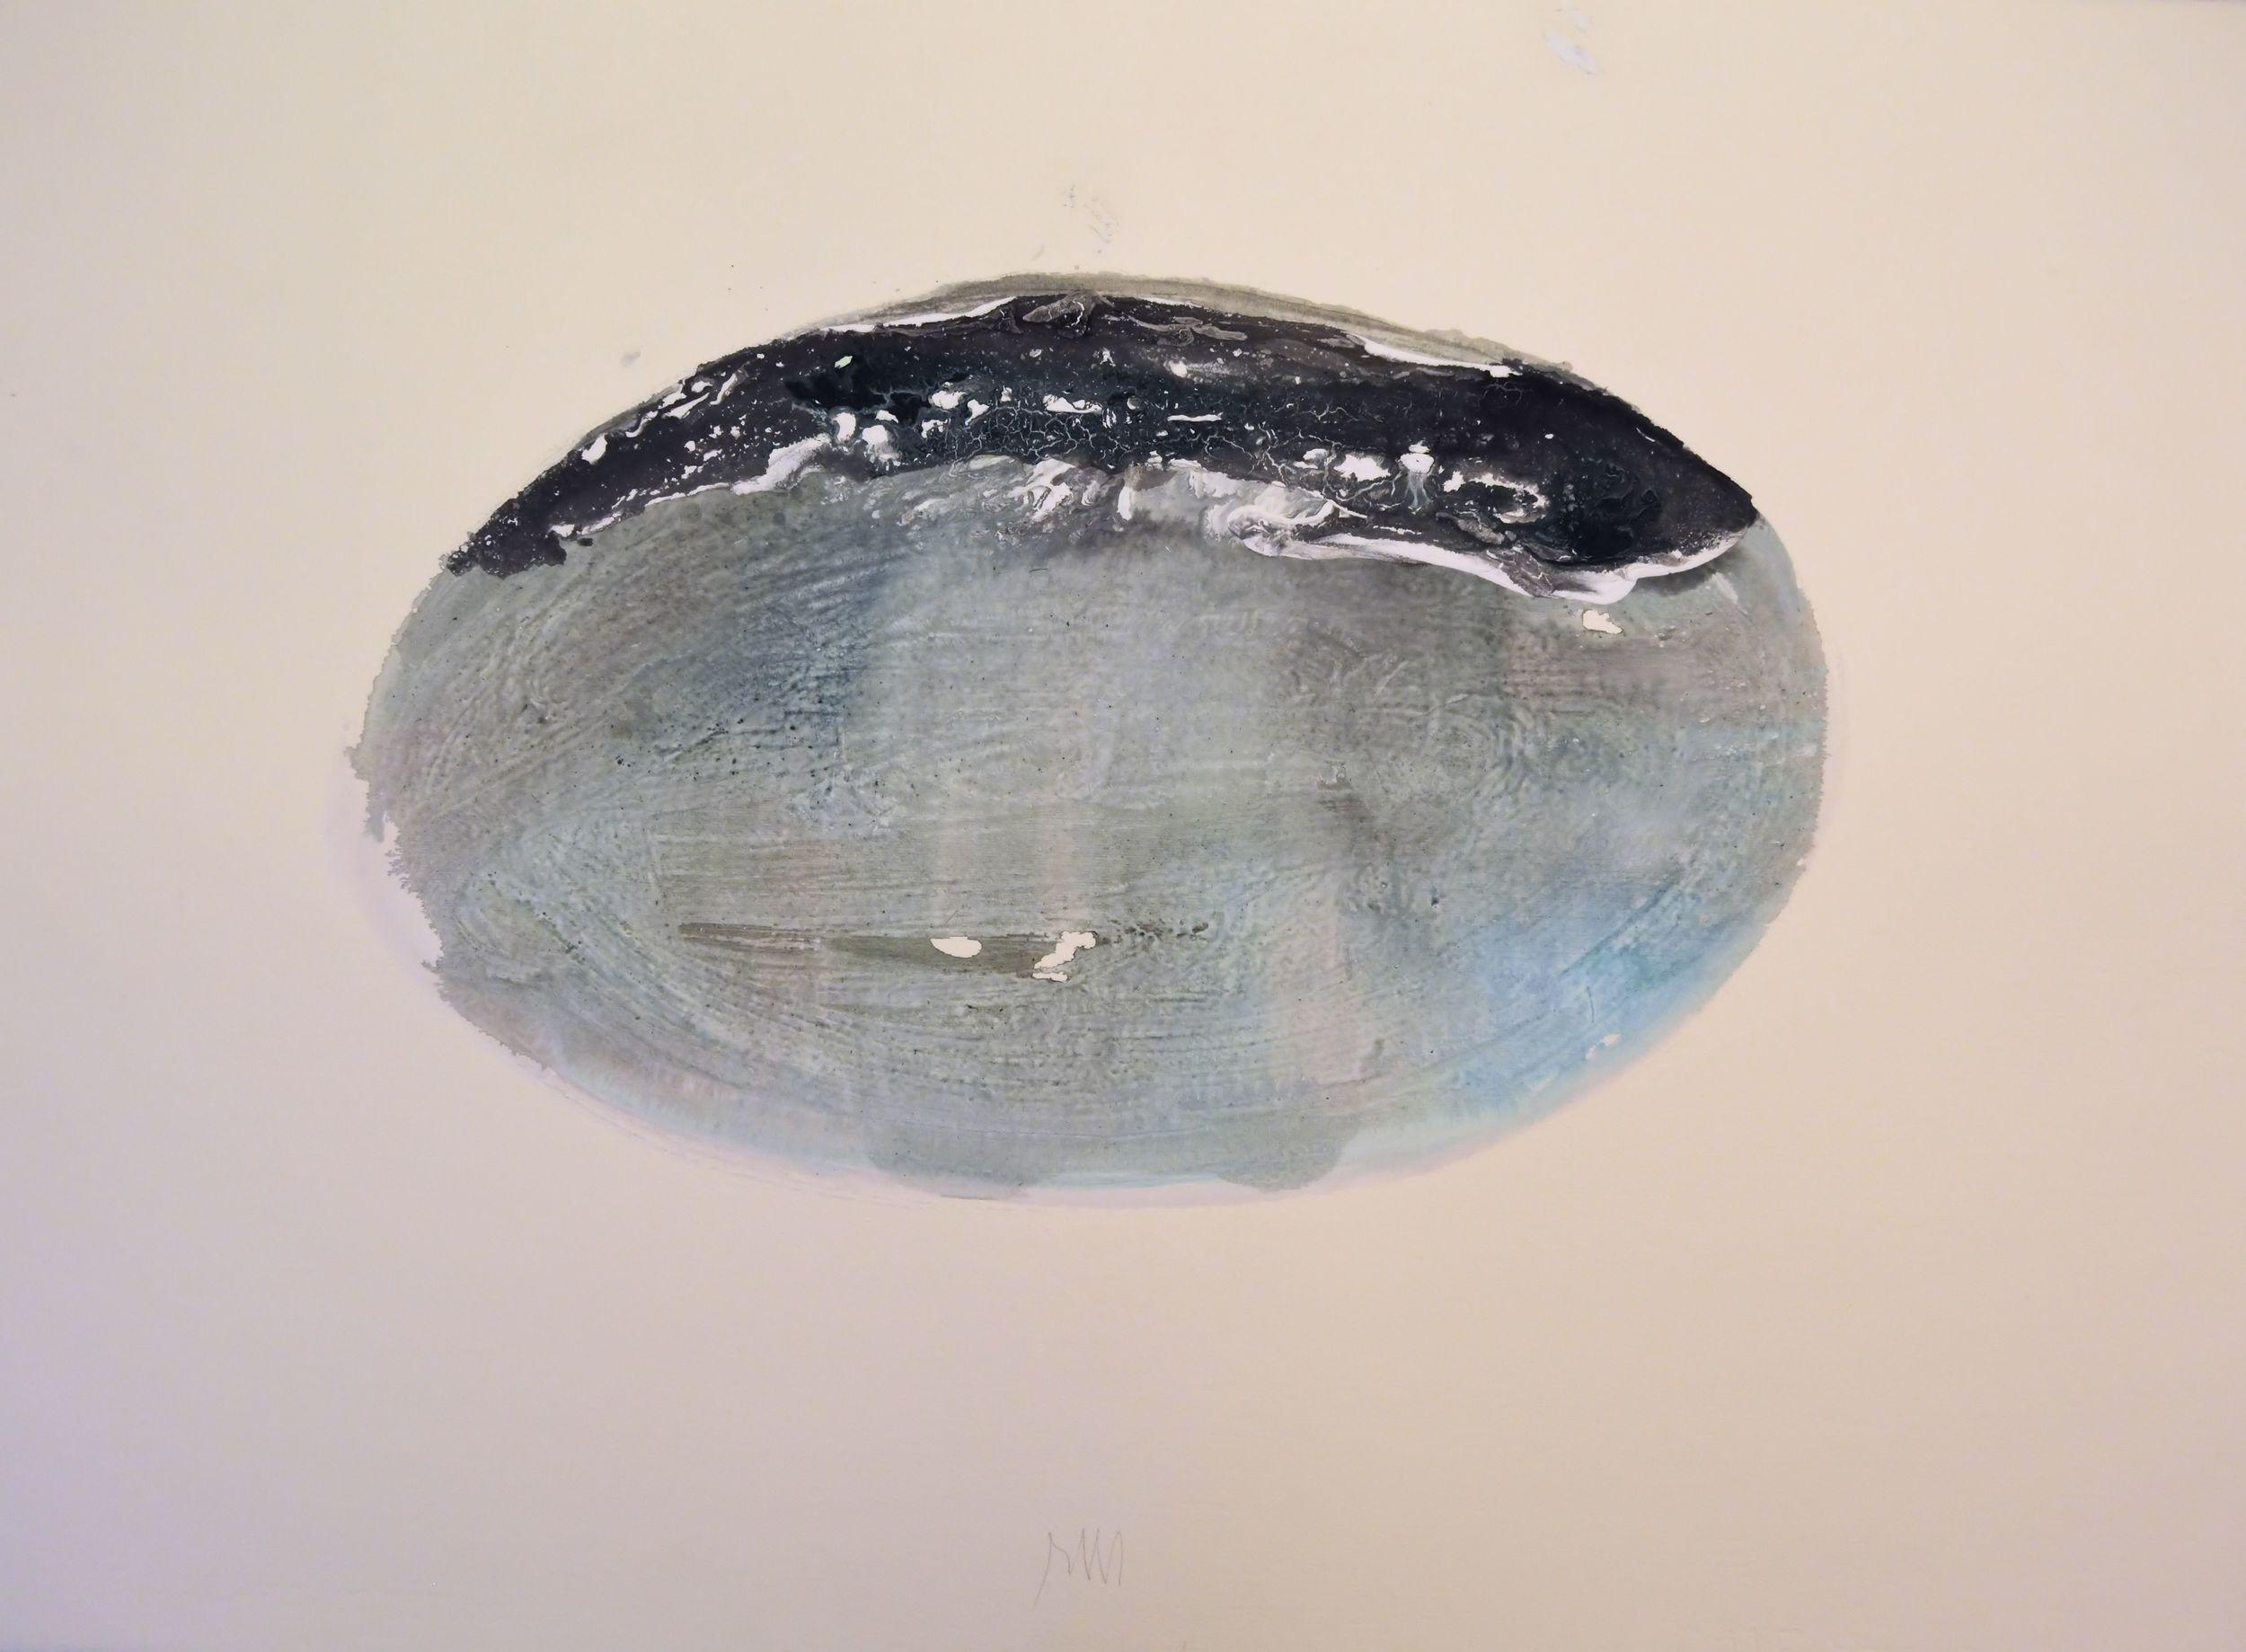 """senza titolo,dalla serie """"I miei luoghi', 2000,tempera acrilica su carta Fabriano, cm57 x 76  untitled, from the series """"I miei luoghi"""",2000, acrylic on Fabriano paper, cm57 x 76"""